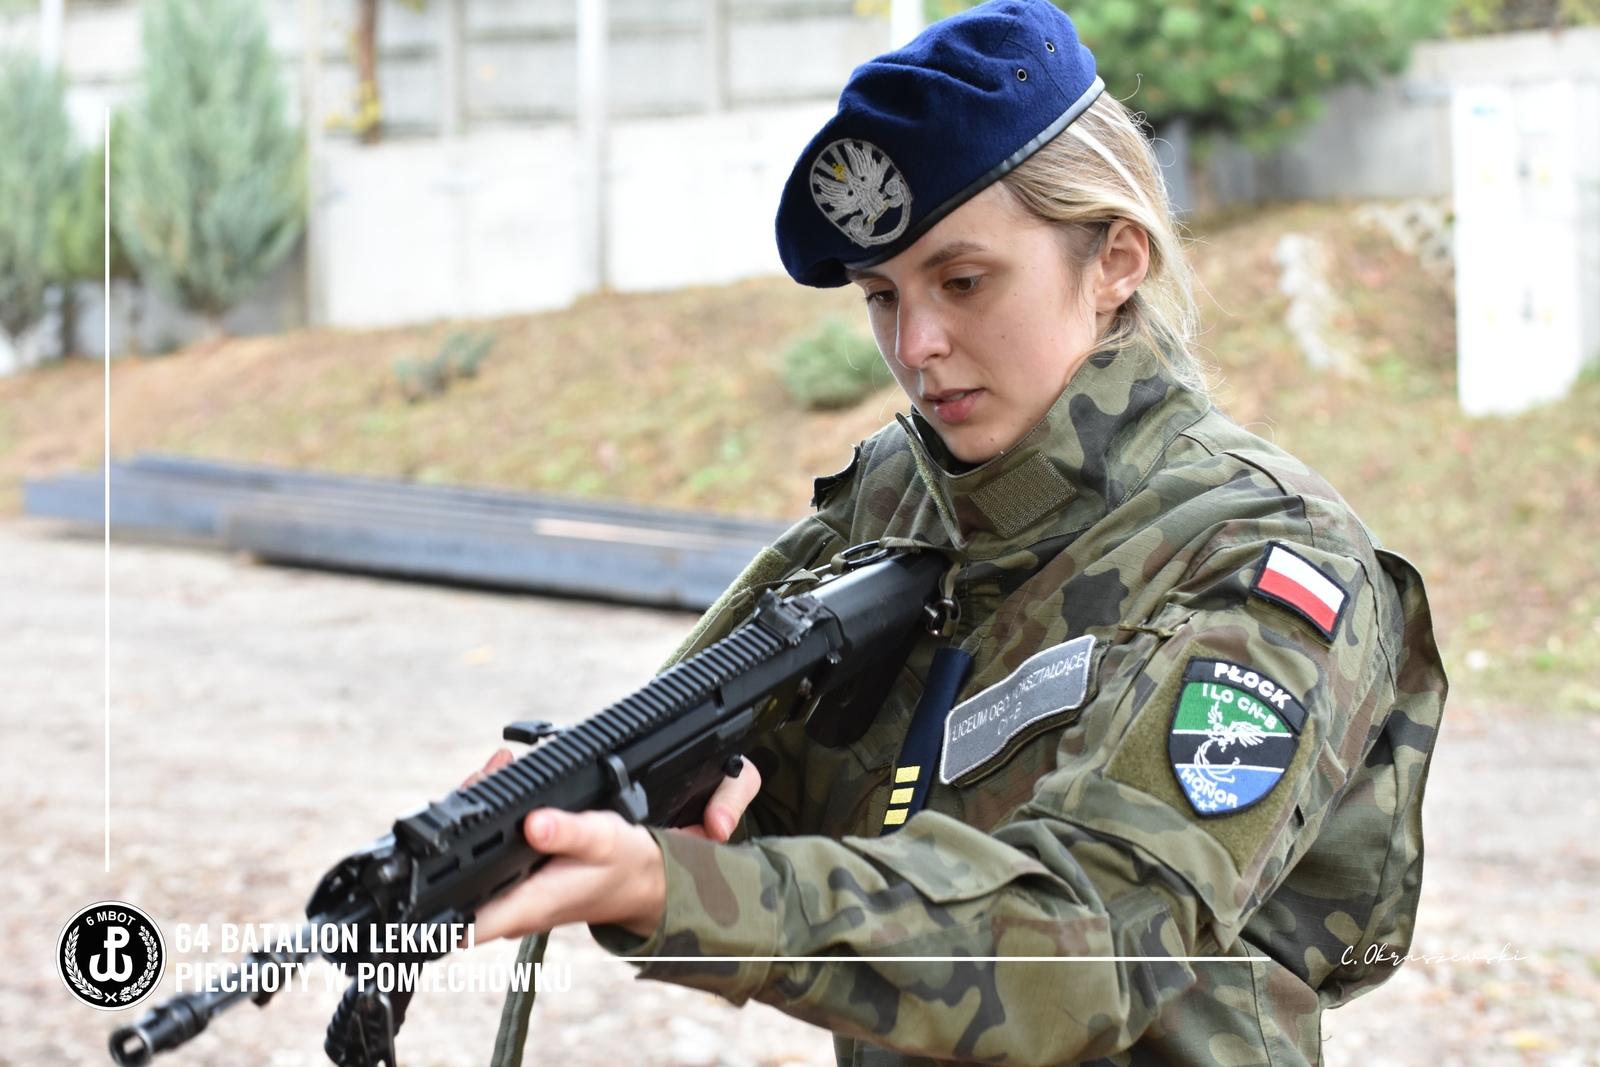 Jeśli chcesz pokoju, gotuj się do wojny. Uczniowie z Płocka szkolą się z żołnierzami [ZDJĘCIA] - Zdjęcie główne